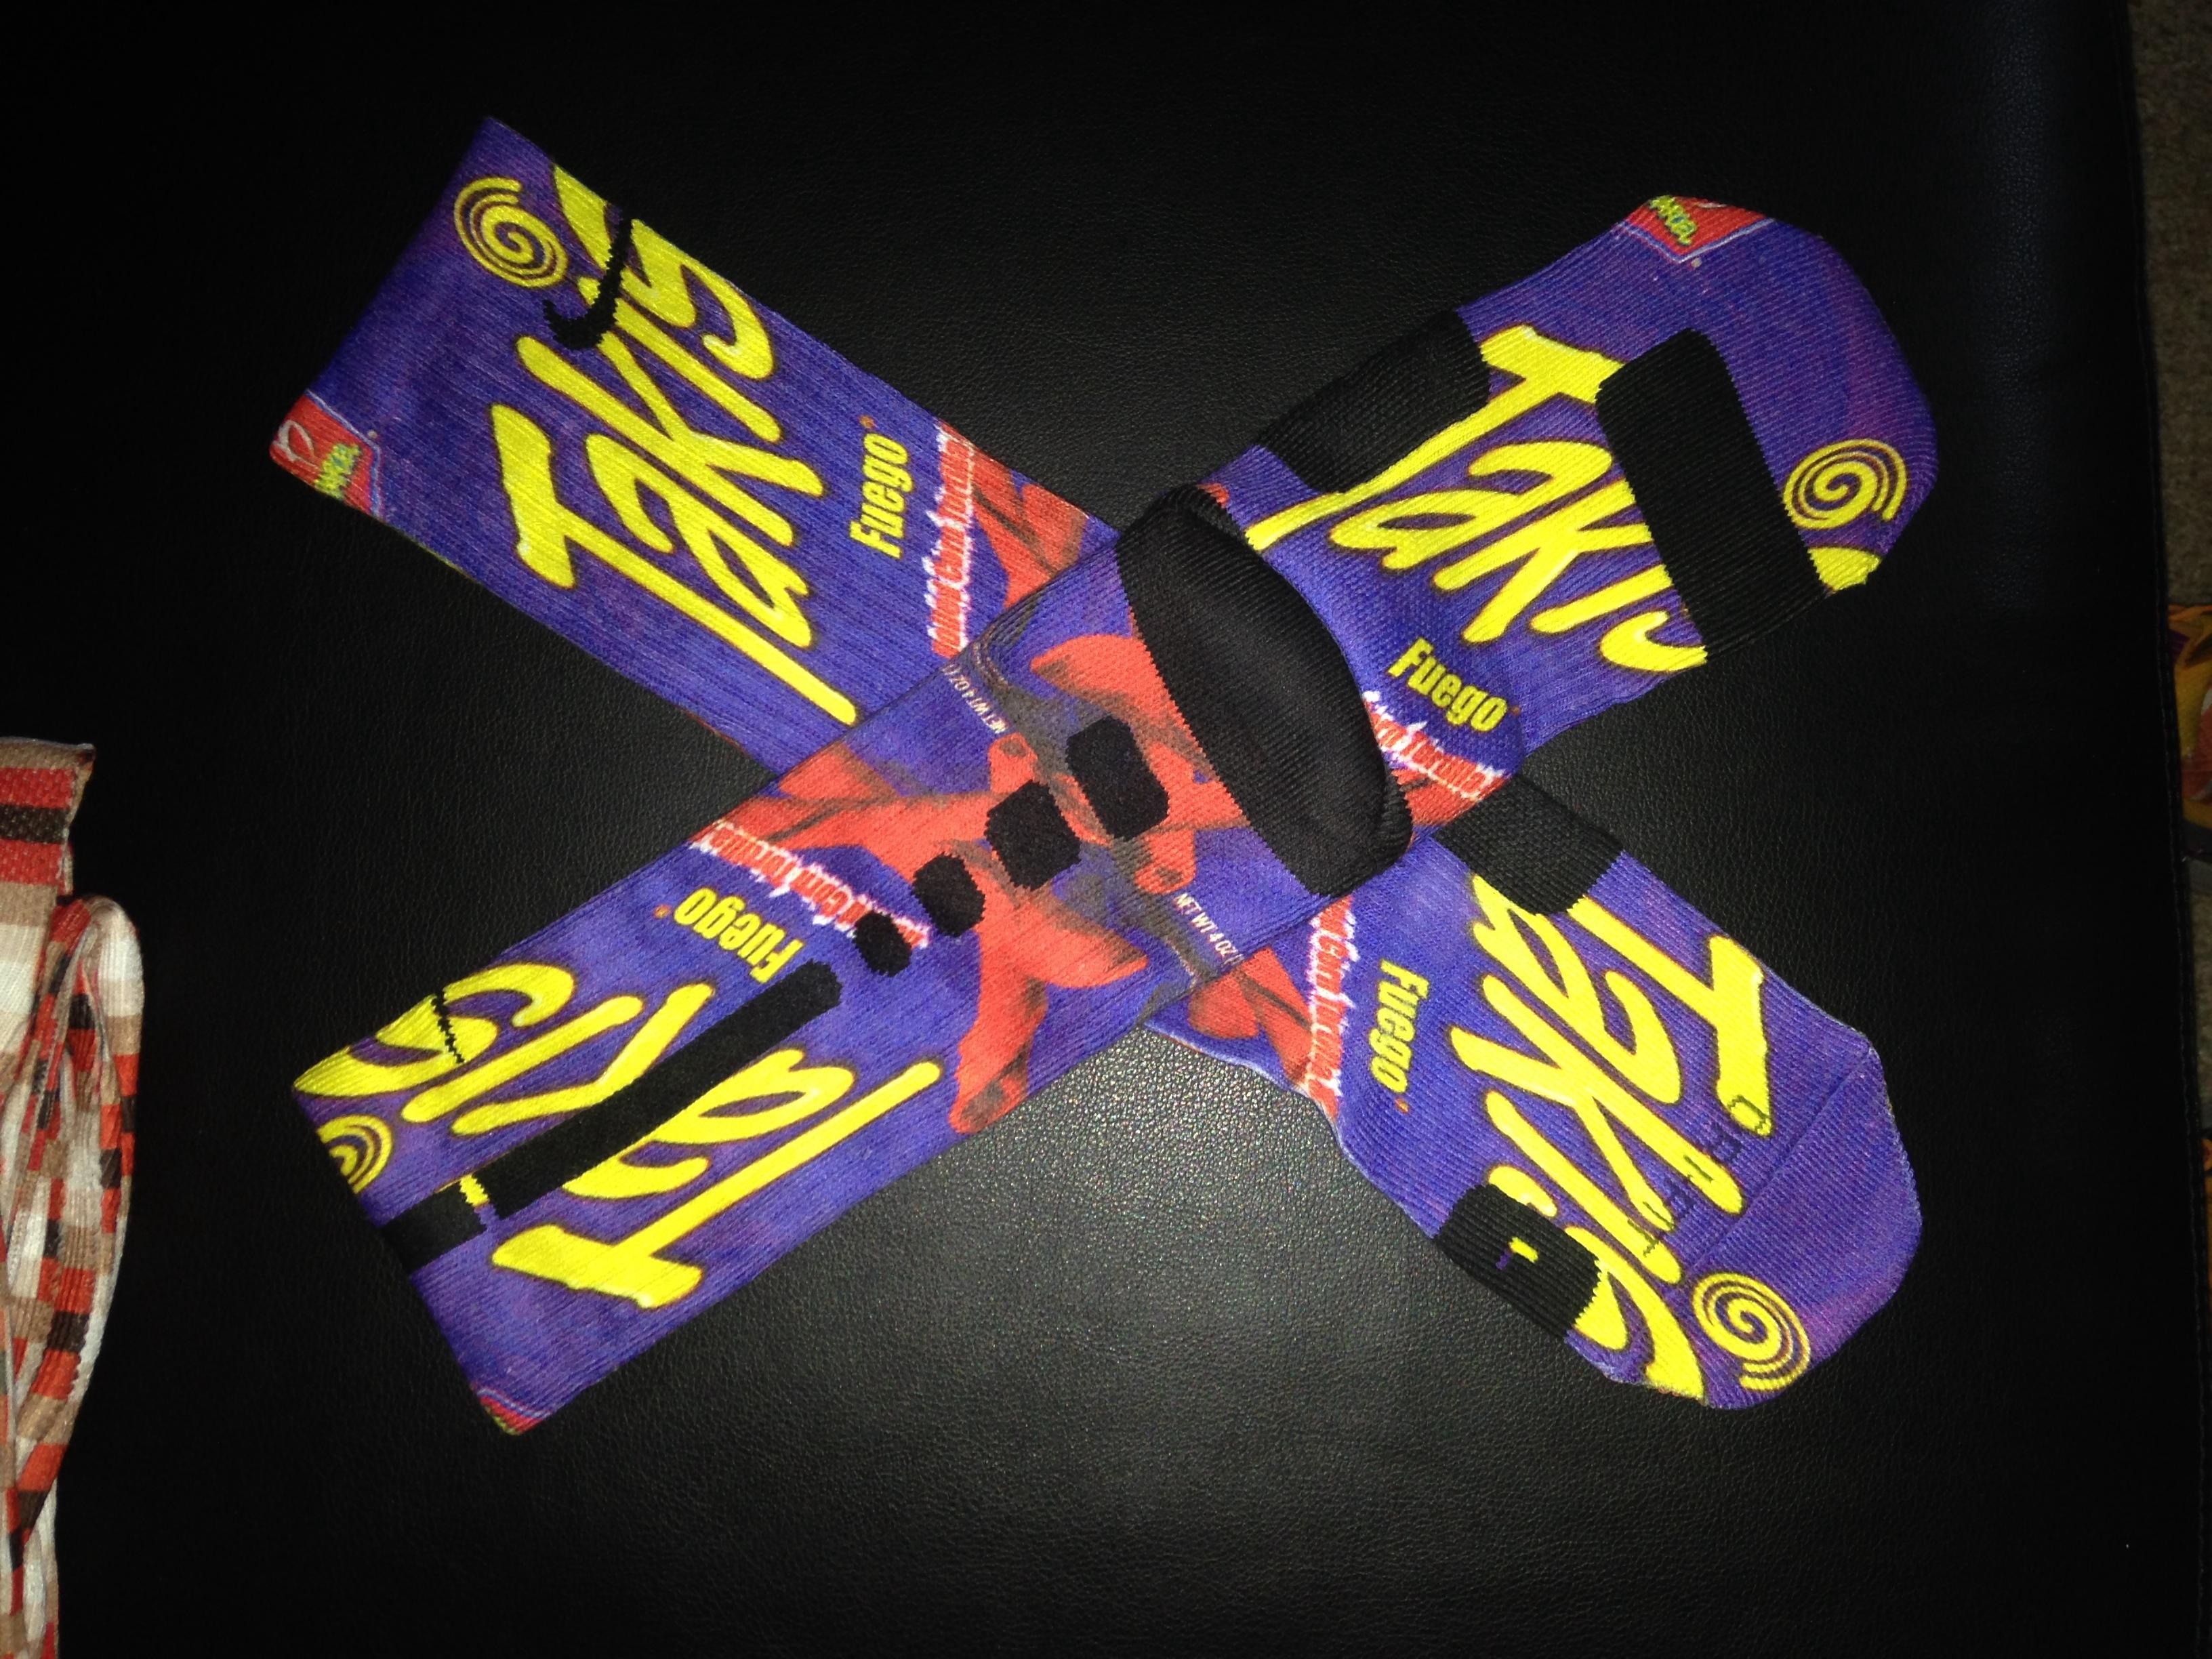 Elite Socks Takis The Image Kid Has It